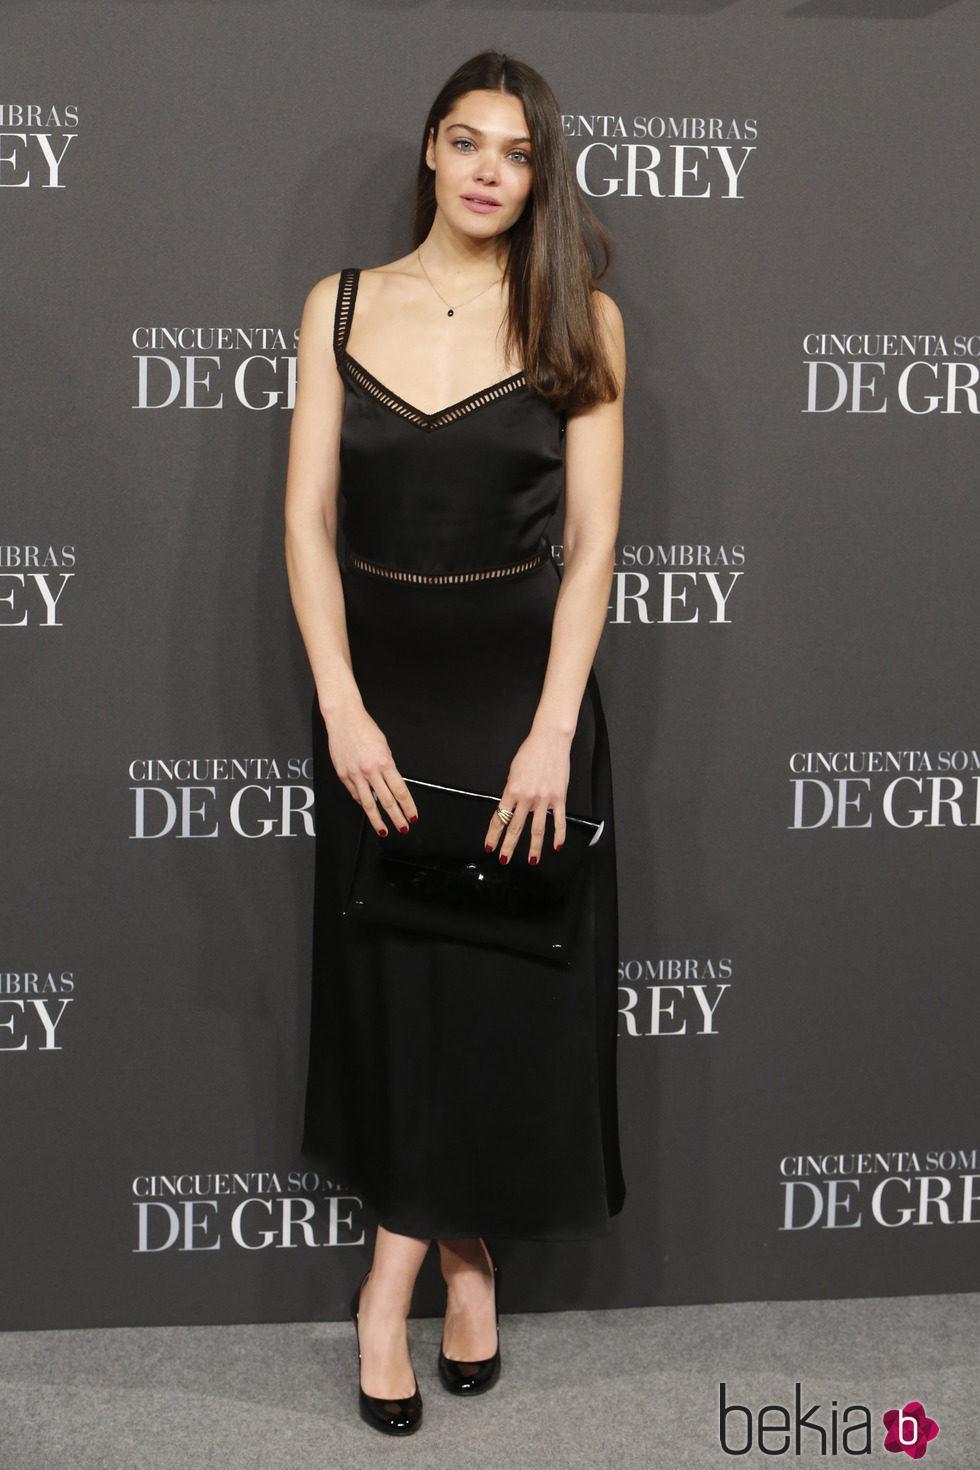 Ana Rujas en el estreno de 'Cincuenta sombras de Grey' en Madrid